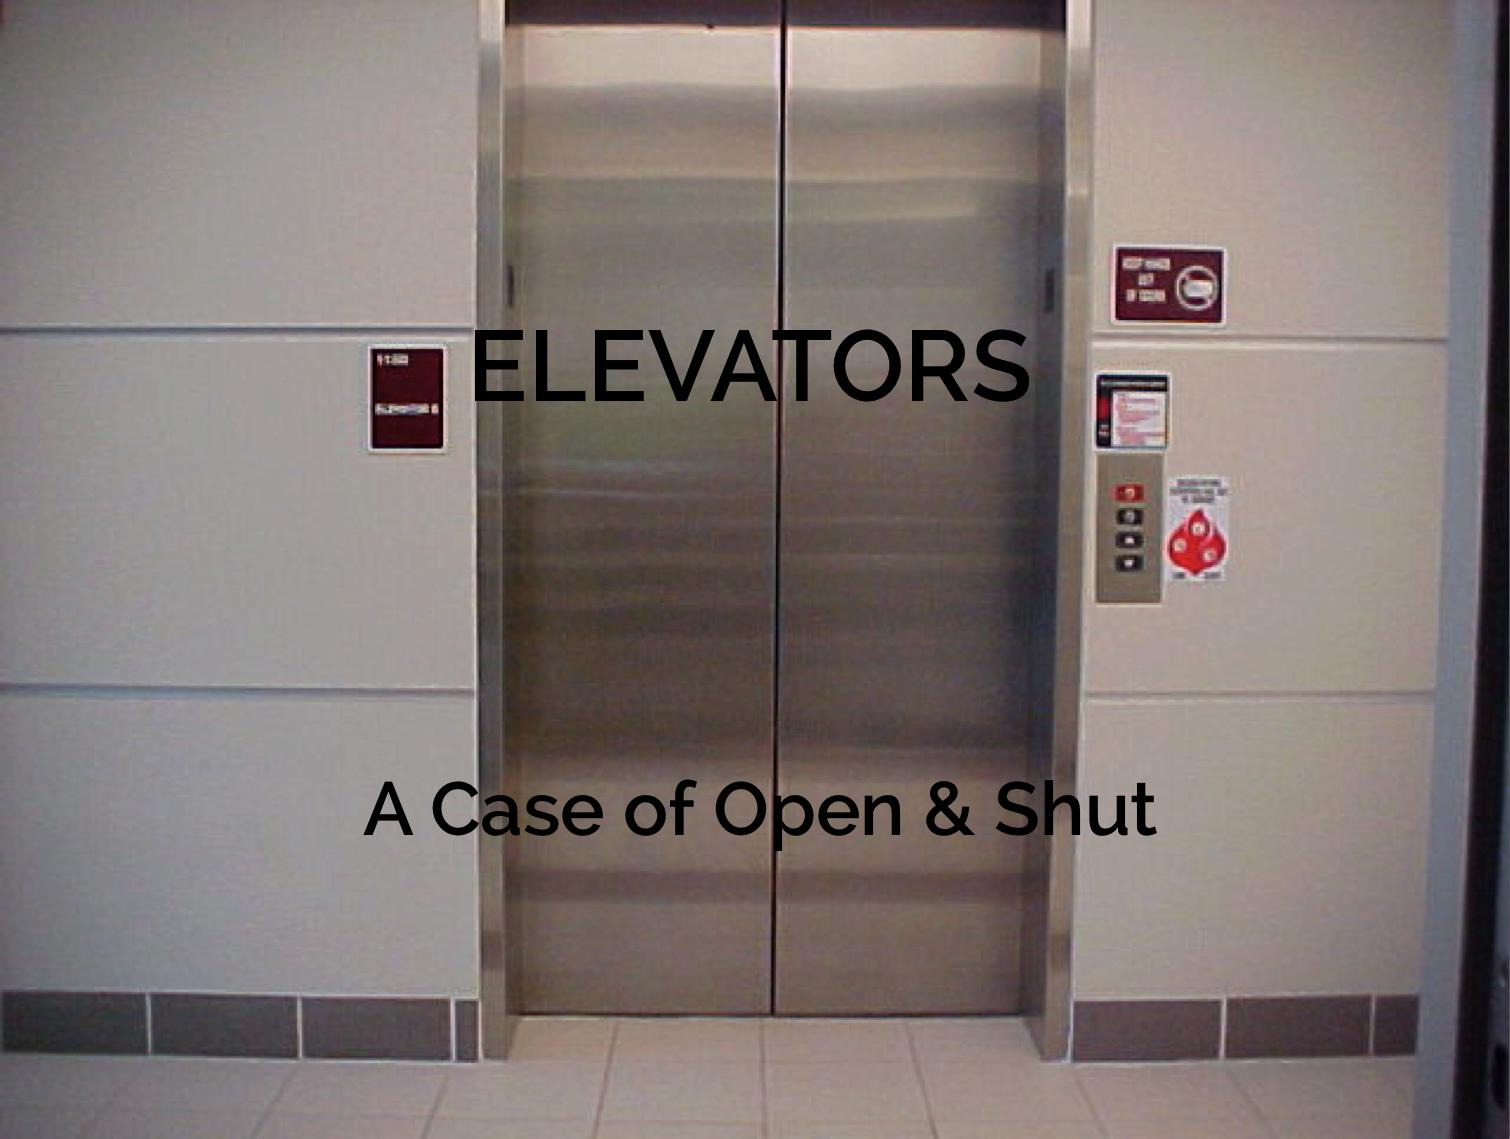 Elevators:  A Case of Open & Shut